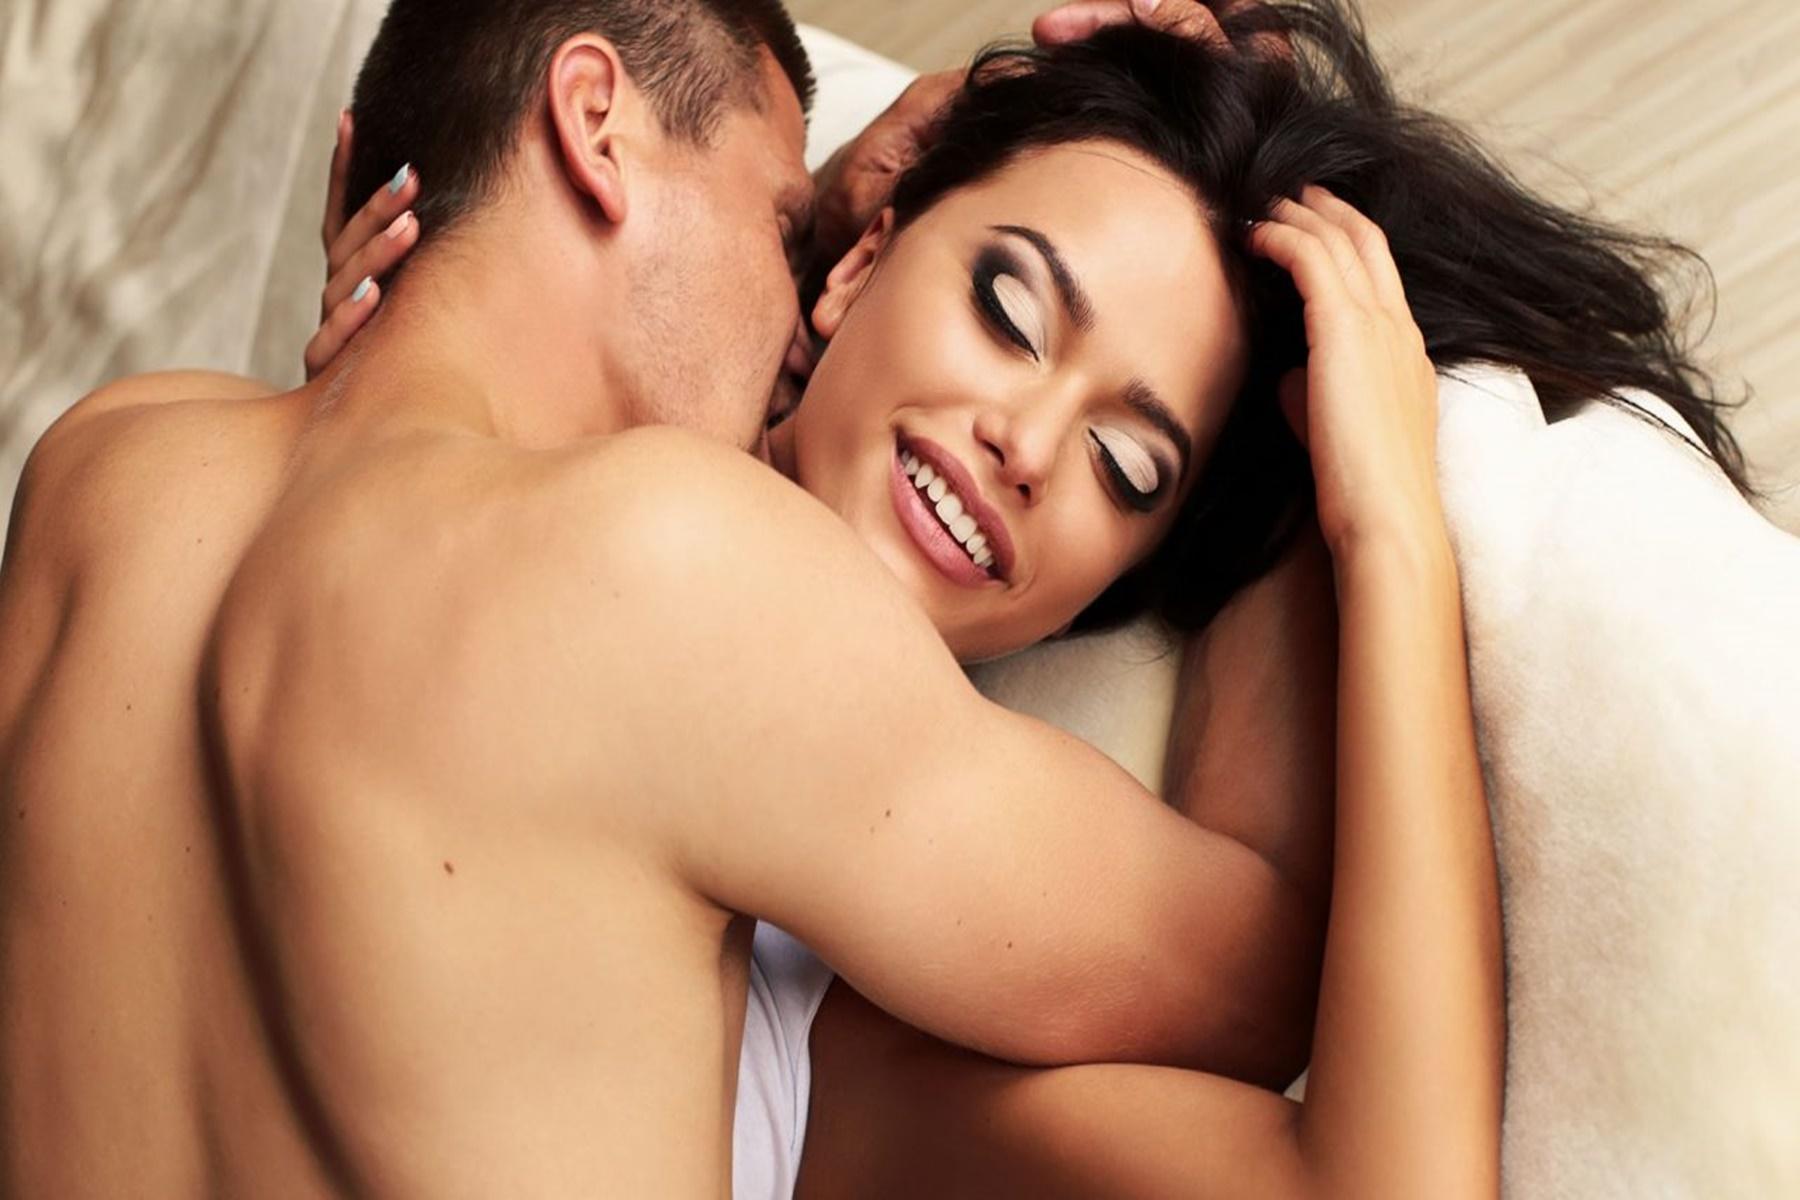 Σεξουαλική υγεία : H διατροφή ενισχύει την λίμπιντο